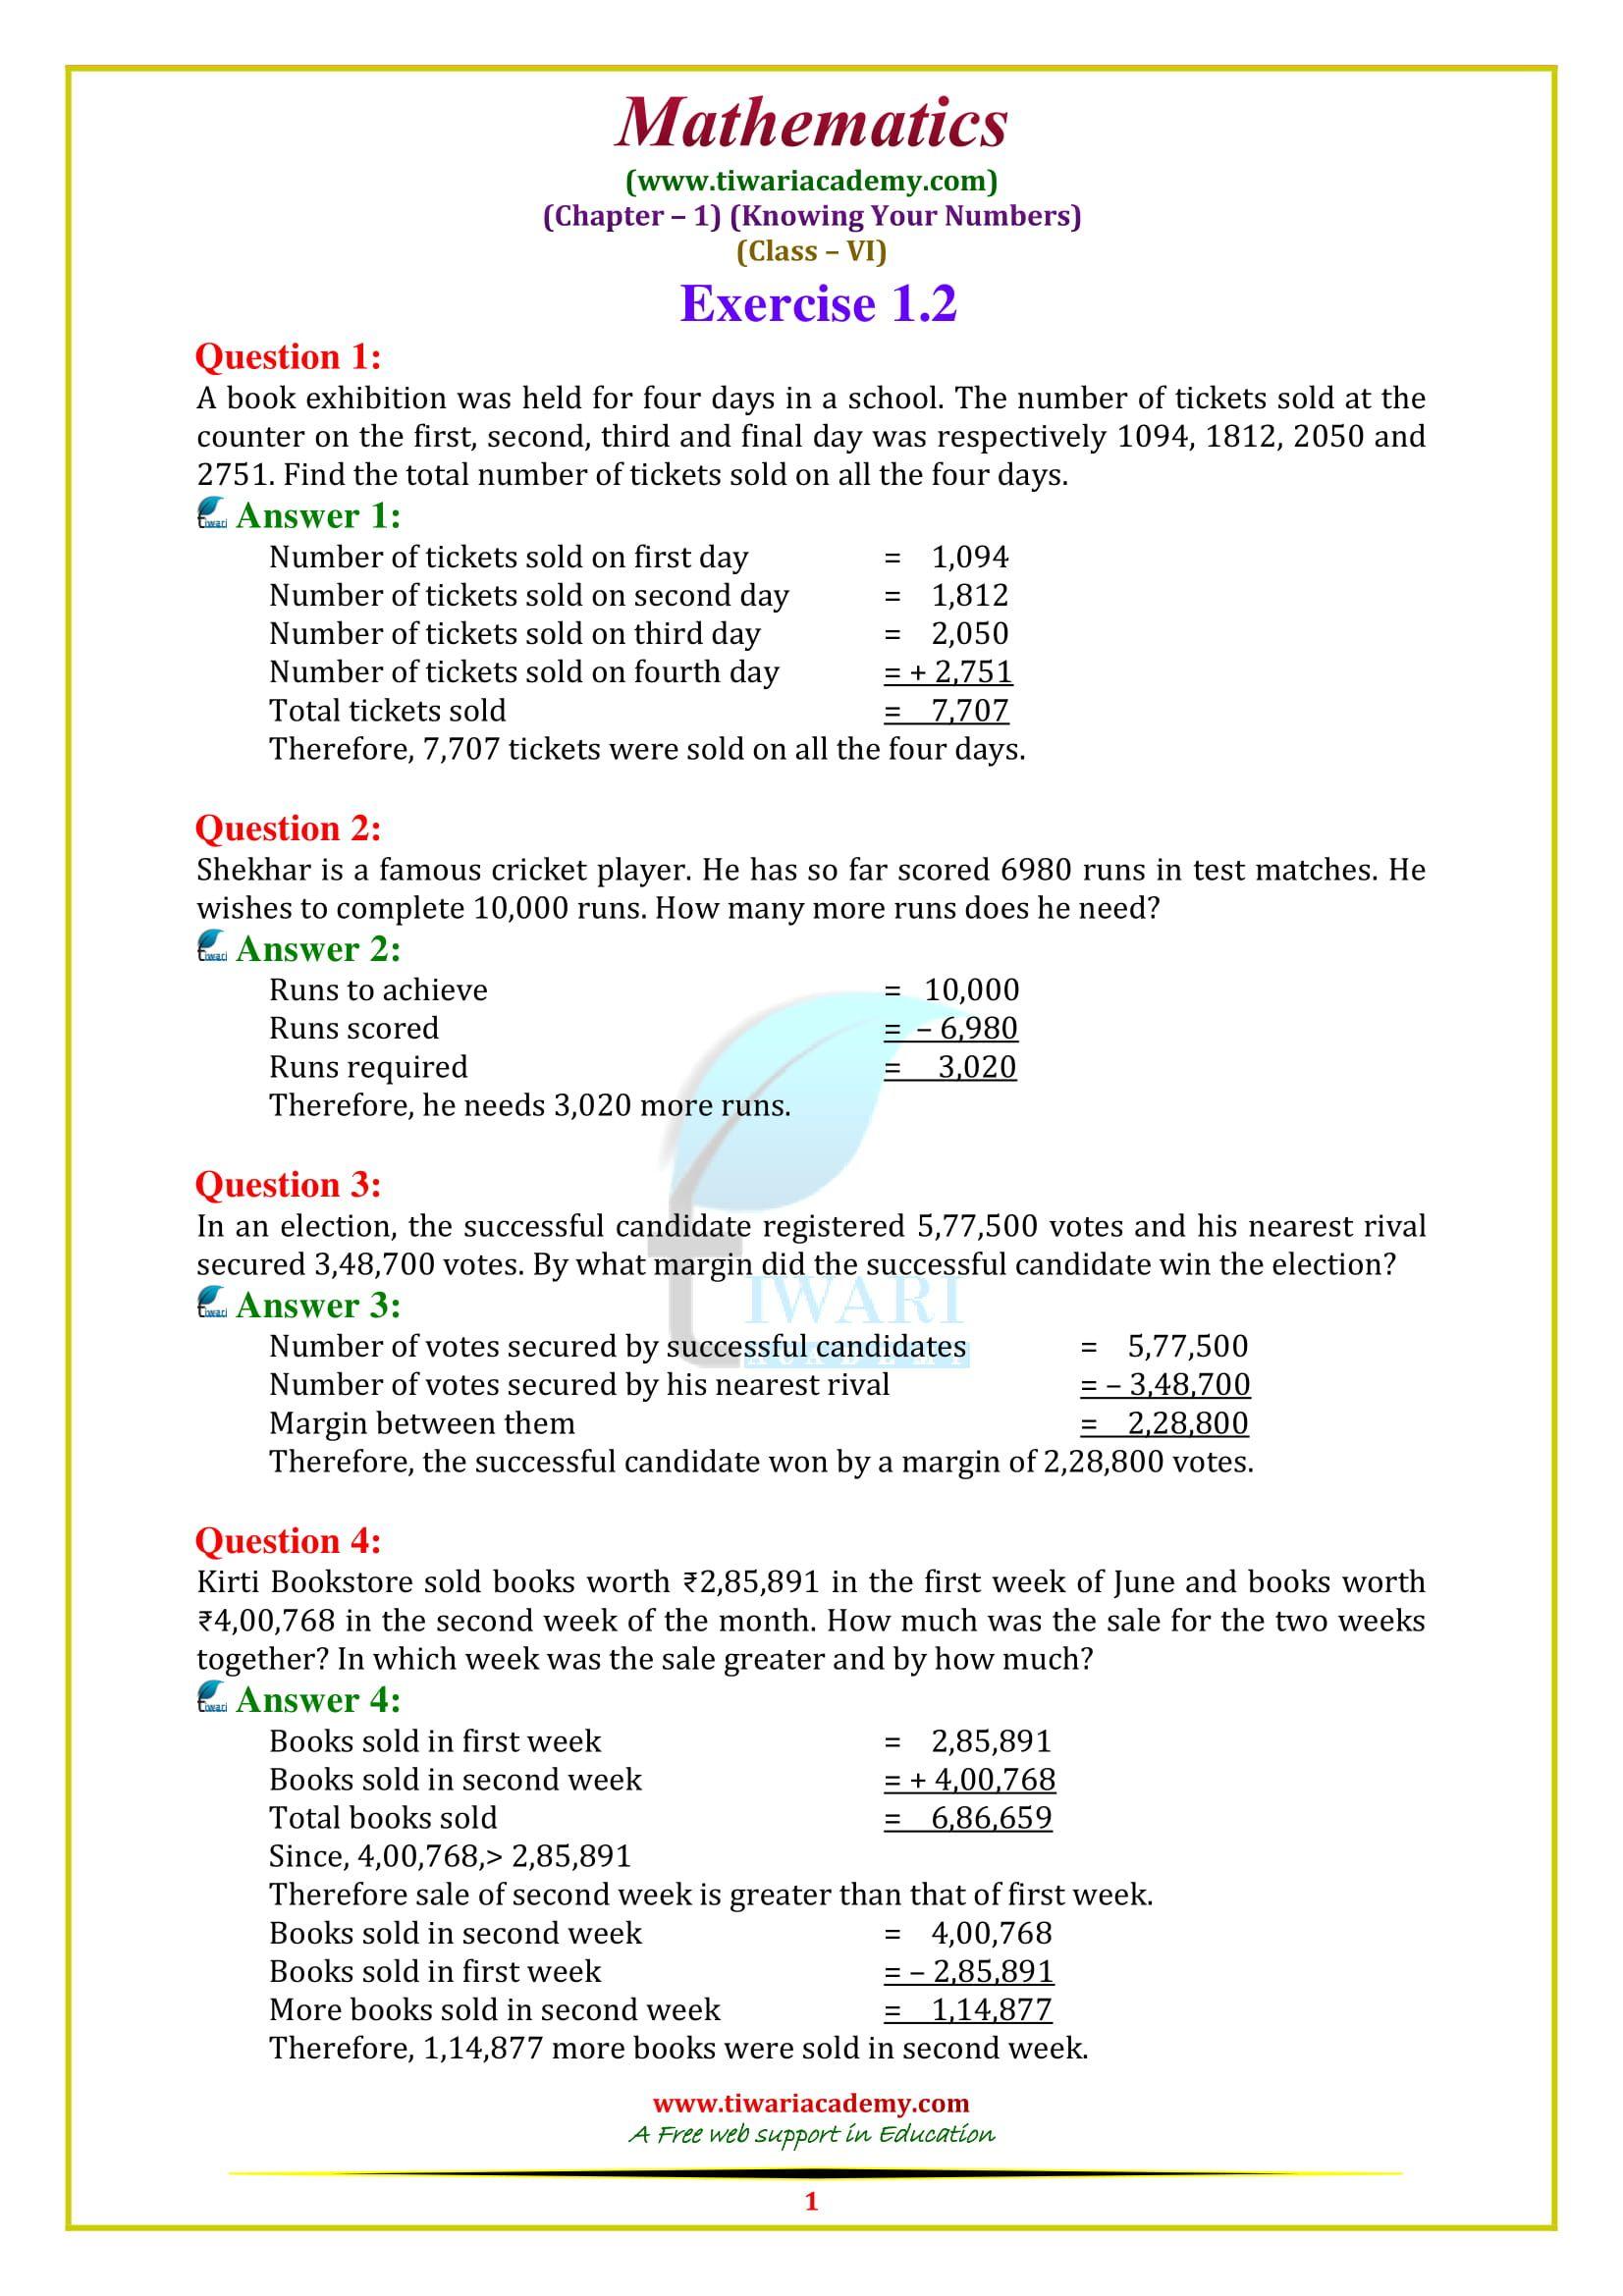 Class 6 Maths Class 6 Maths Math Textbook Mathematics Worksheets [ 2339 x 1653 Pixel ]